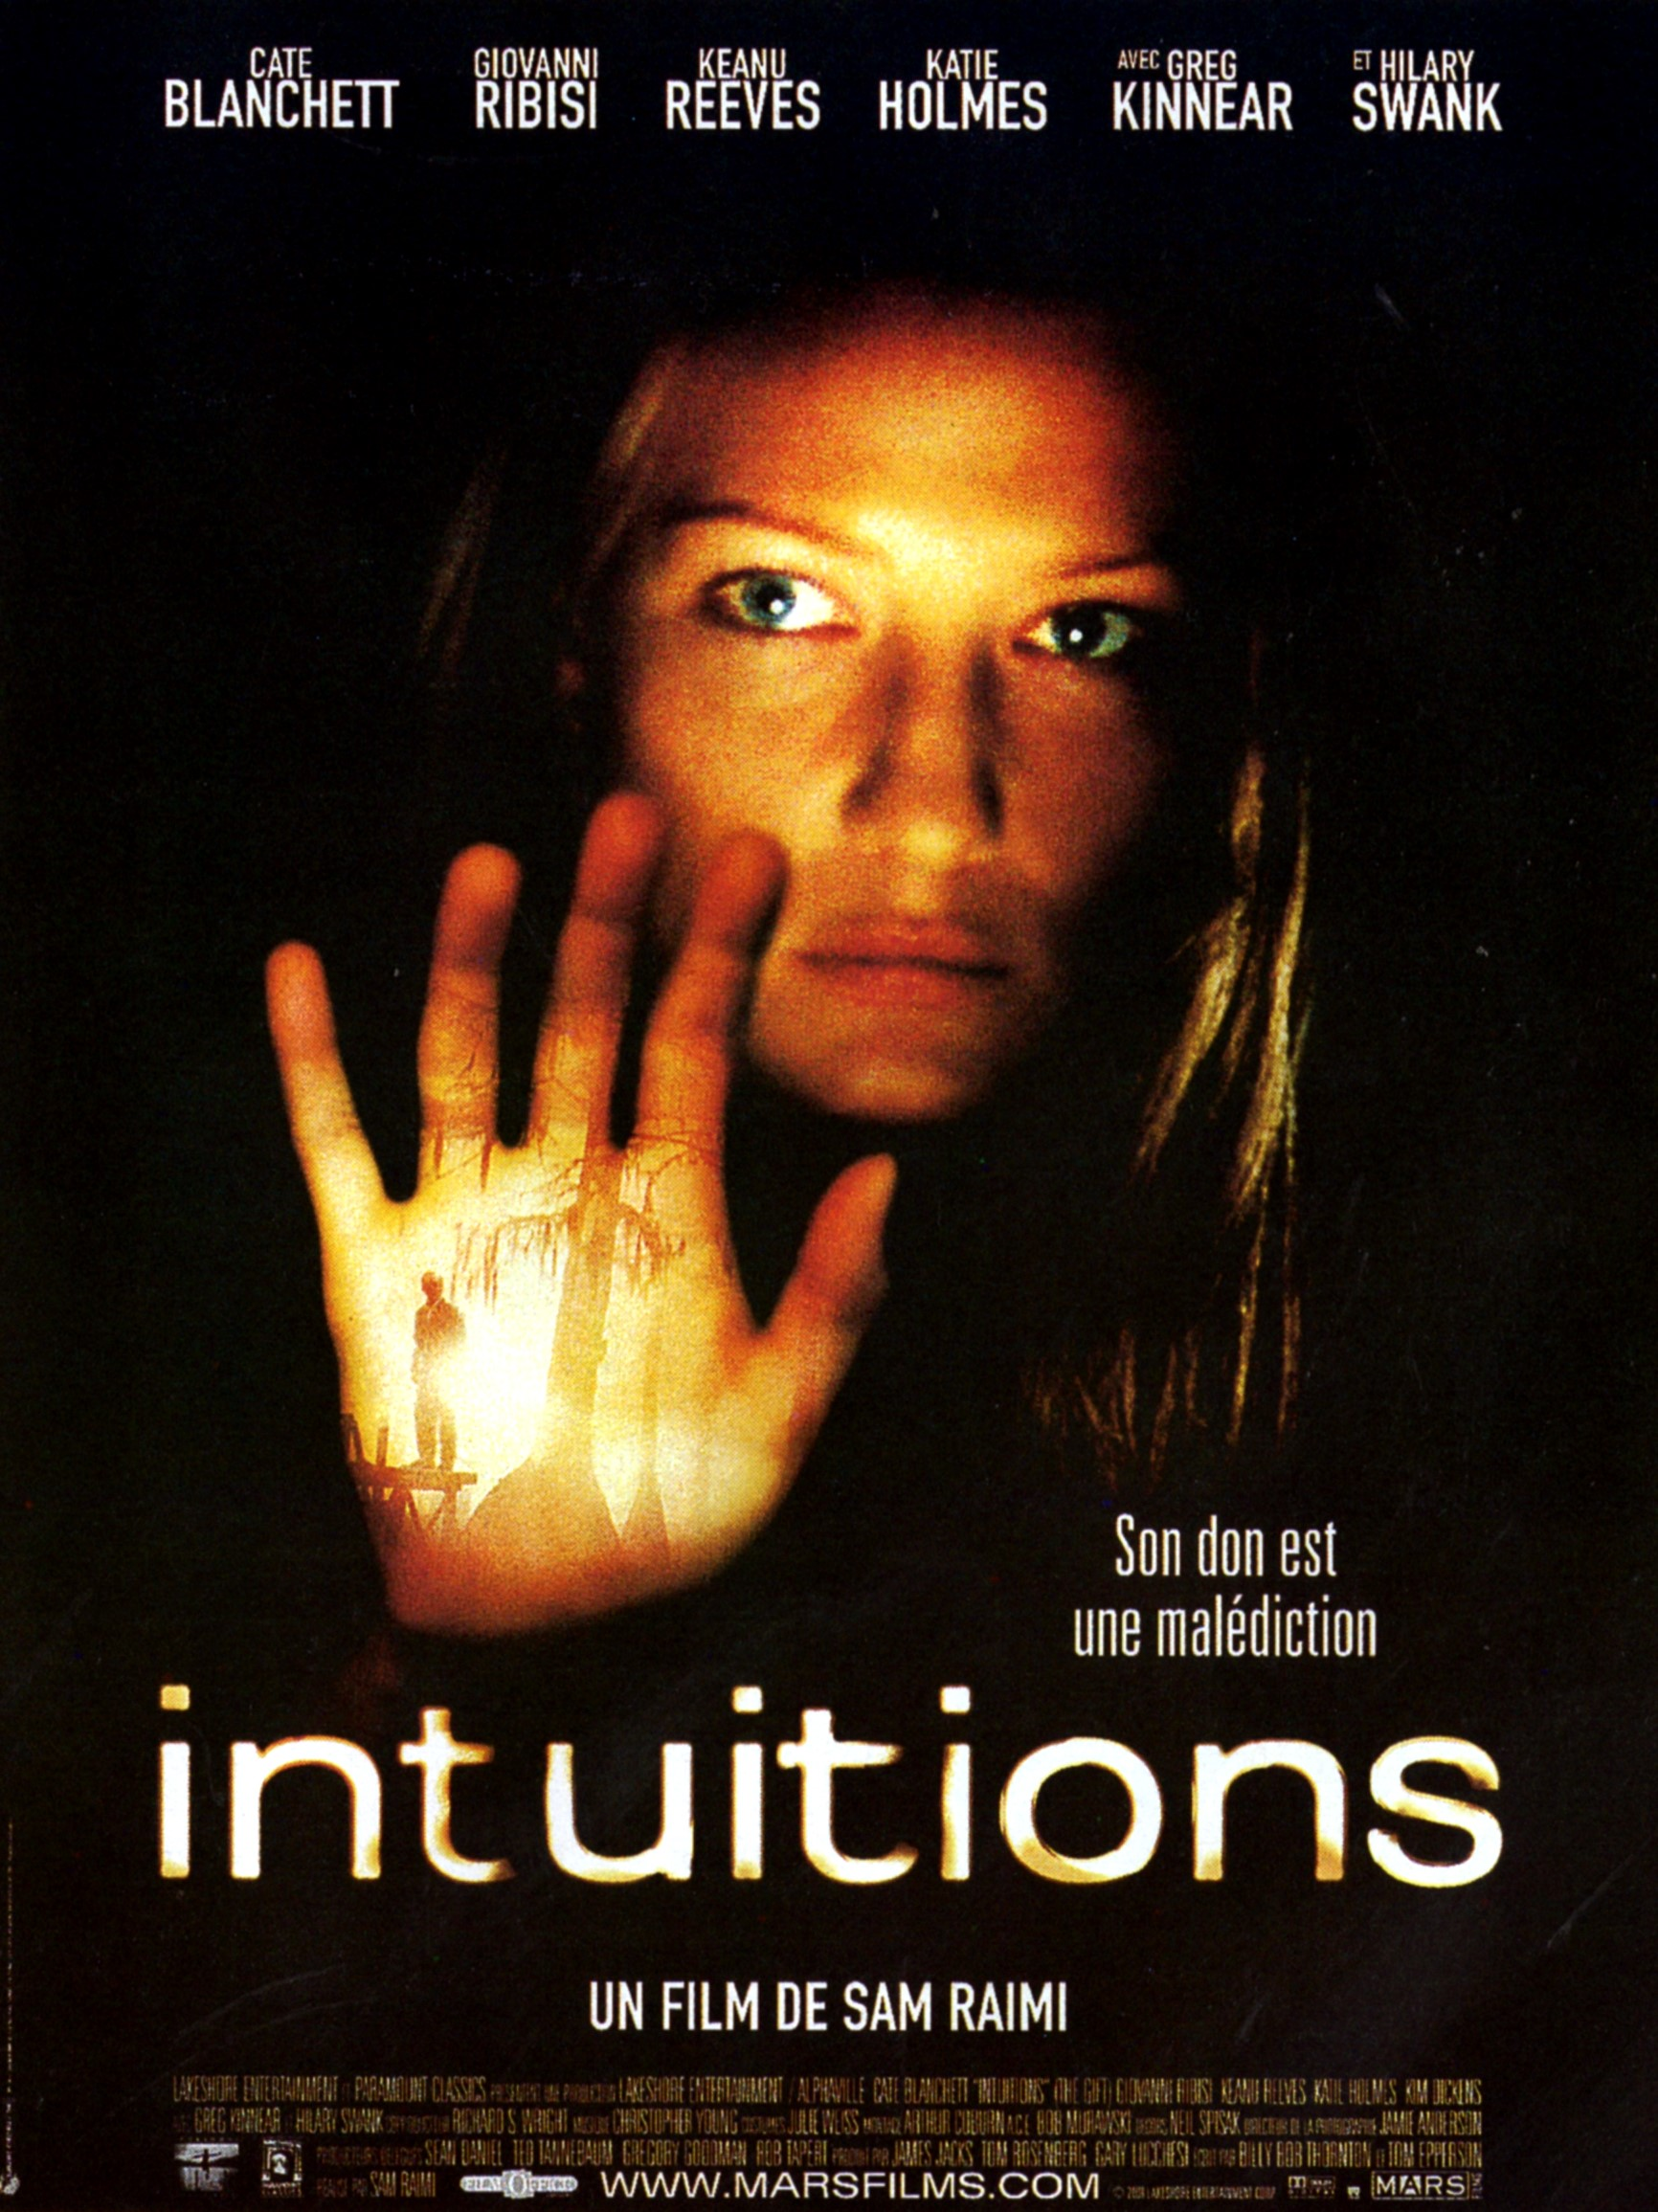 affiche du film Intuitions